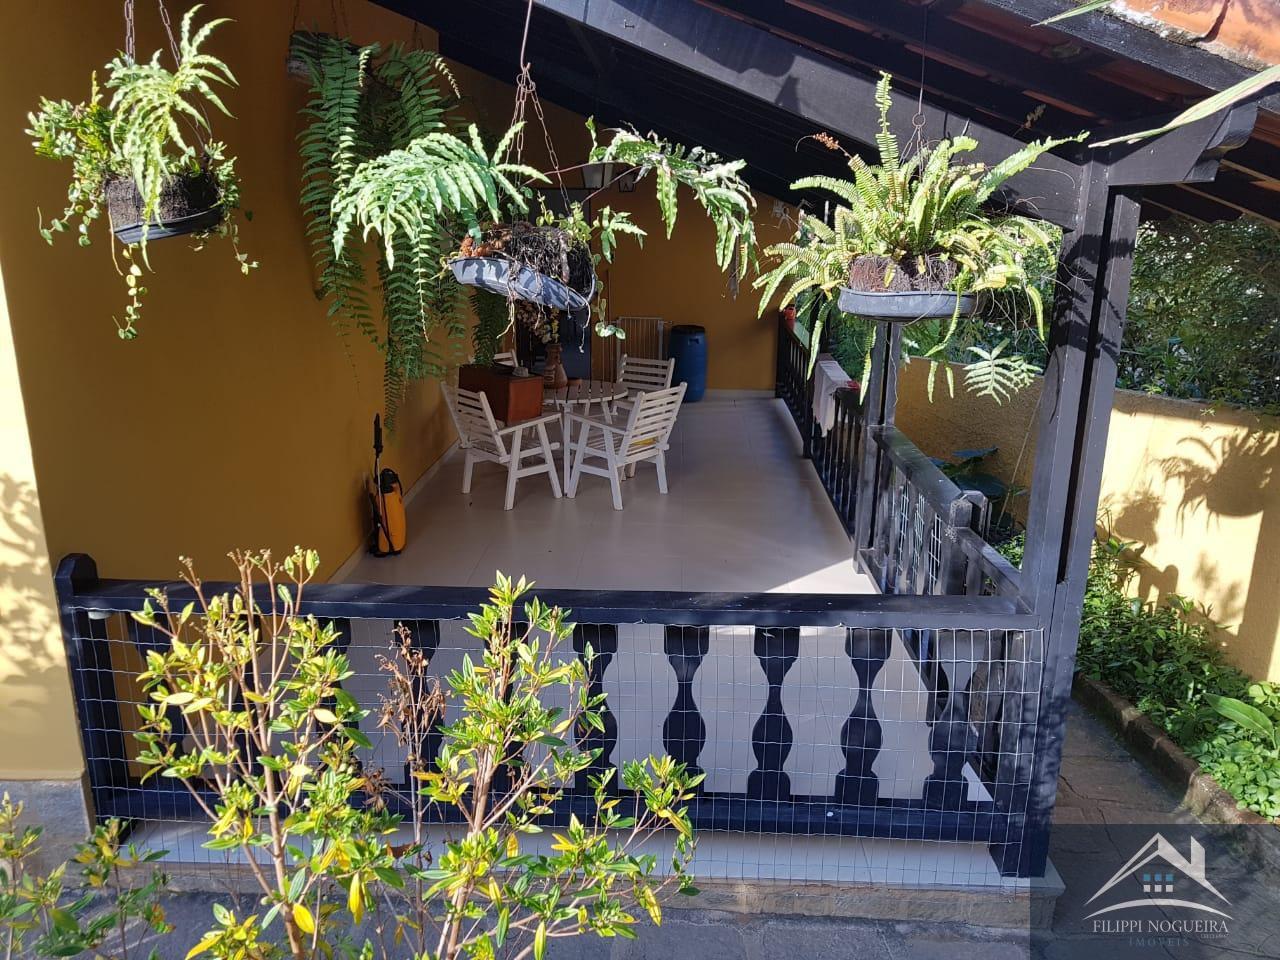 Excelente imóvel com 6 quartos e piscina na Vila Suissa. - csvl - 34